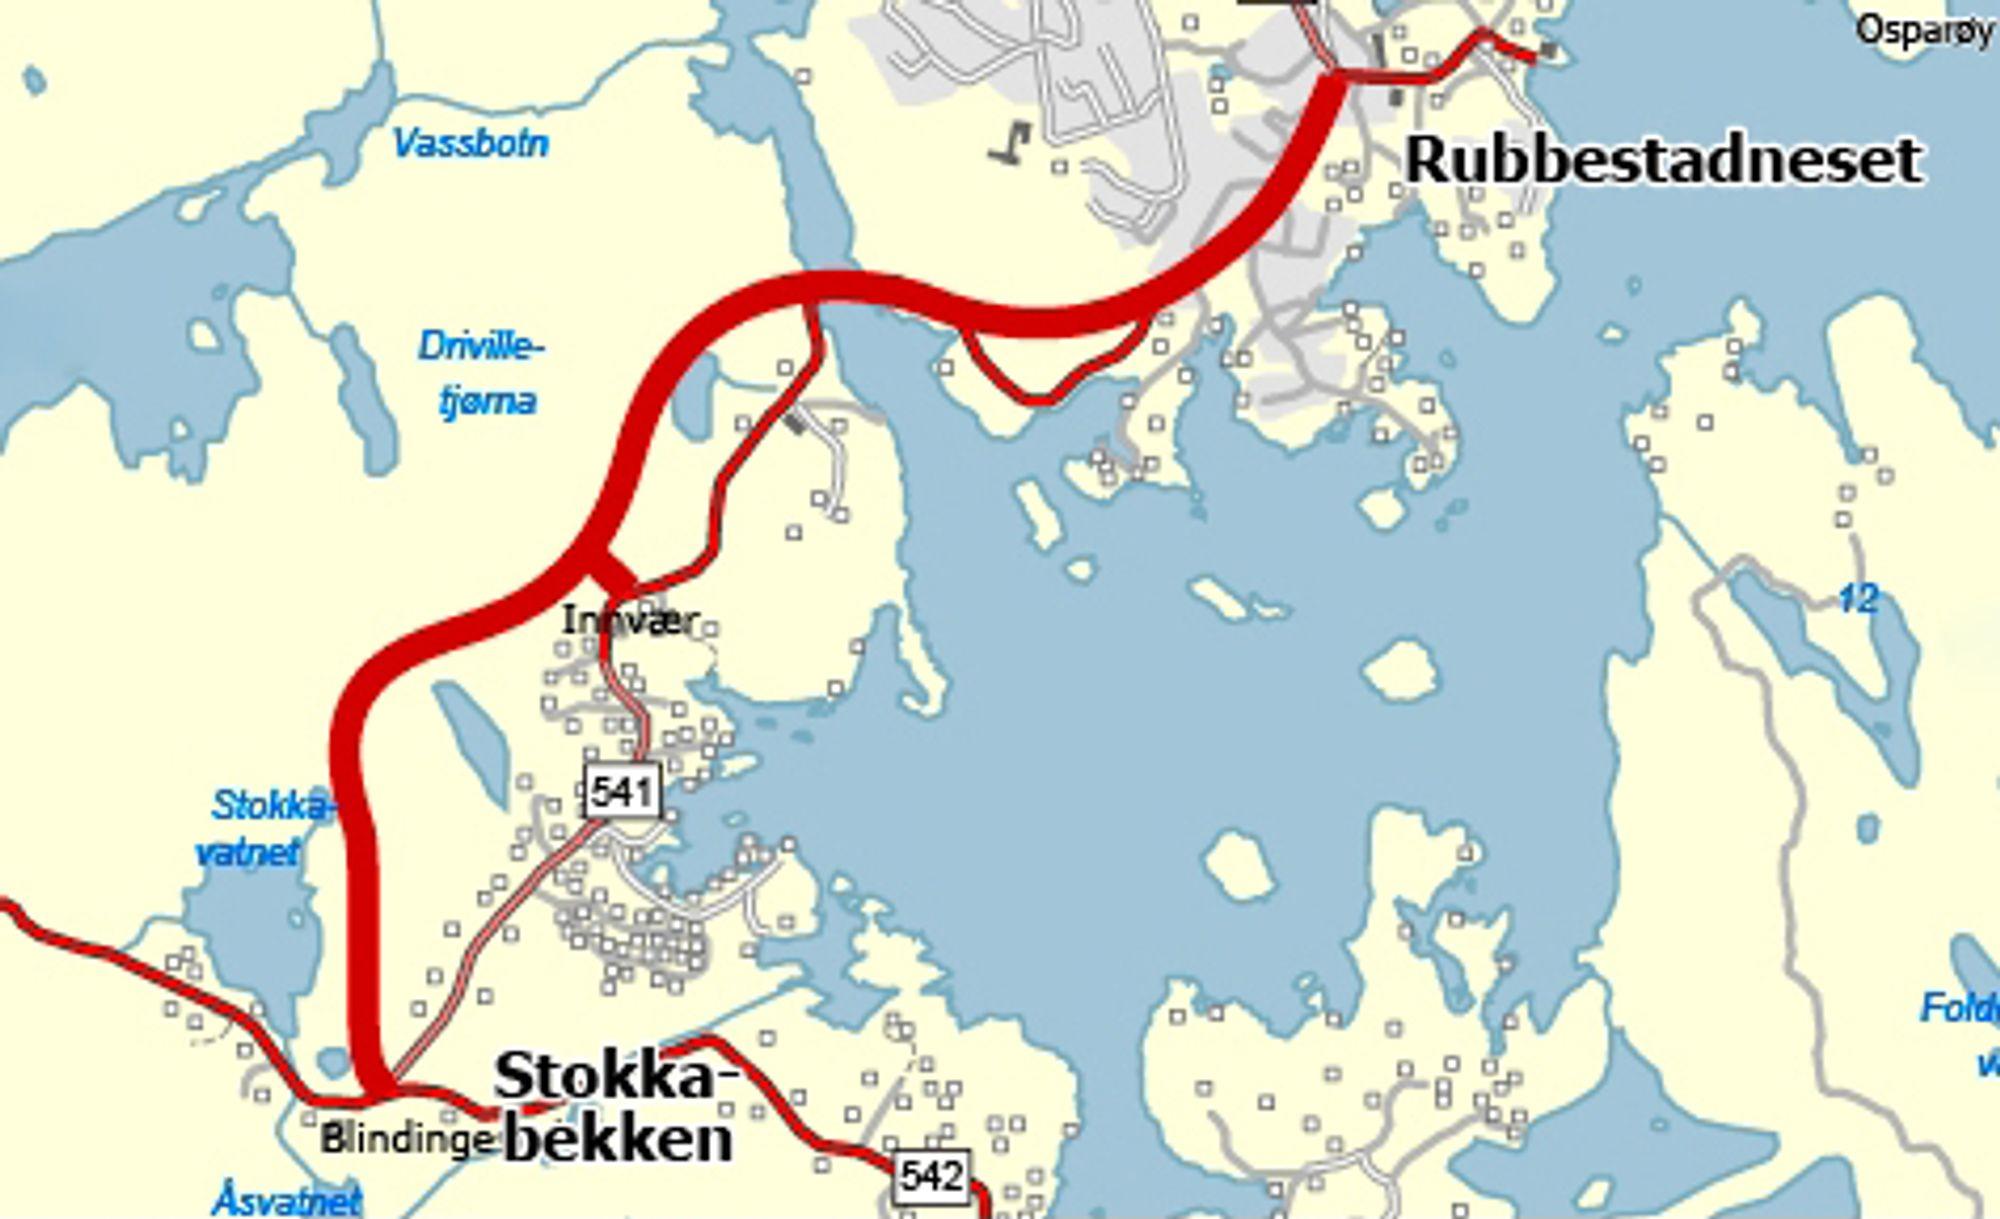 De som vil prosjektere og bygge denne vegen må gi anbud innen 20. september. Ill.: Statens vegvesen